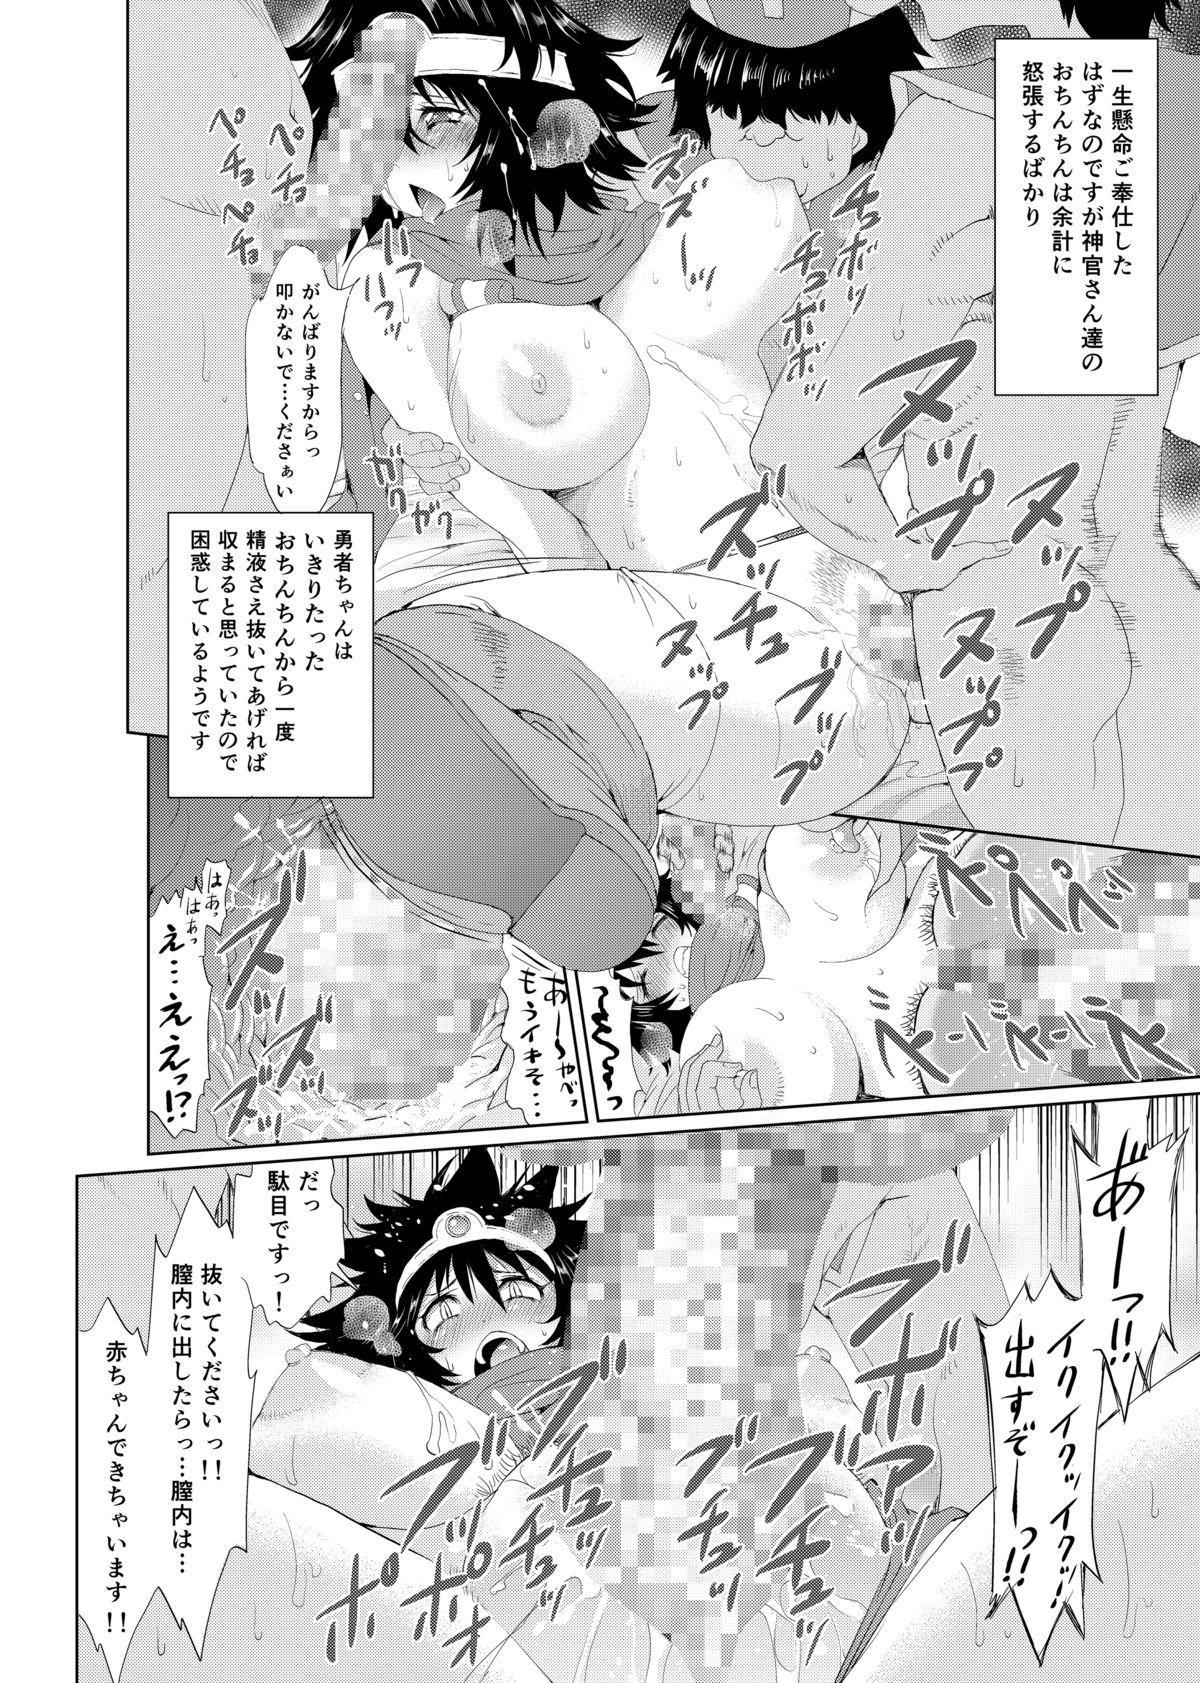 Zettai ni Zenmetsushite wa Ikenai DraQue 12